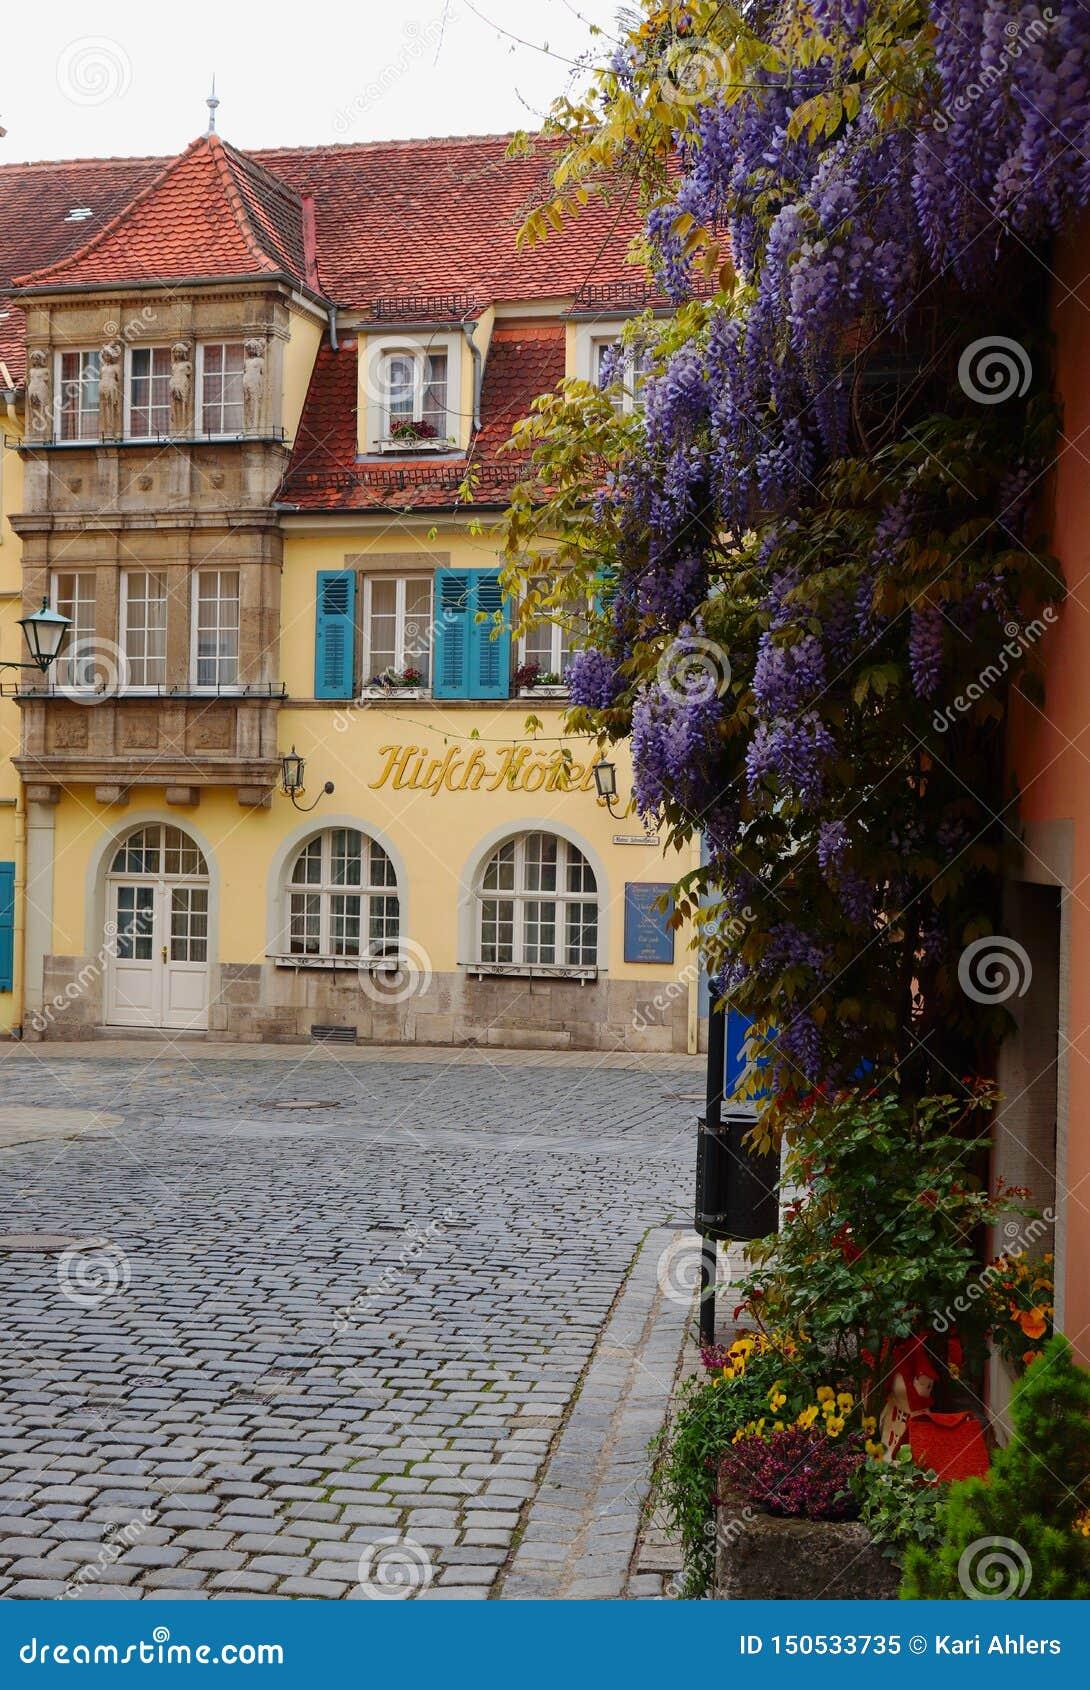 Crecimiento de flores en un edificio en el der Tauber, Germanu del ob de Rothenburg